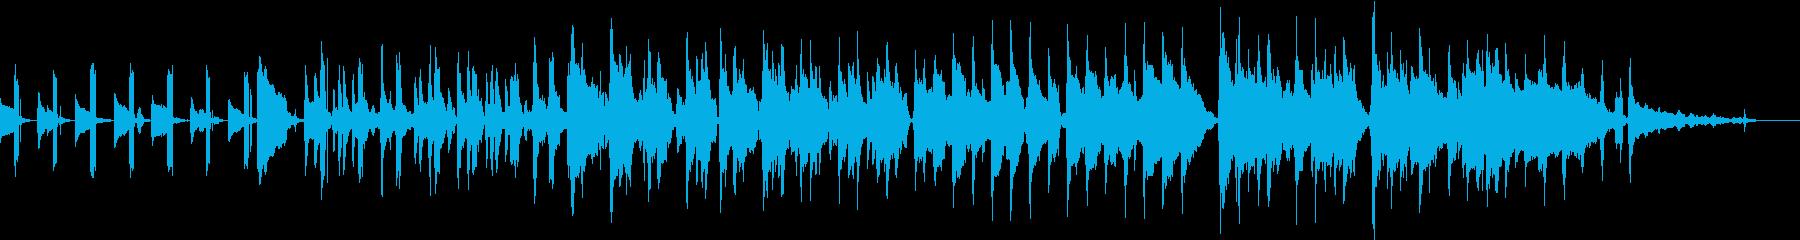 1分間で完結する楽曲です。の再生済みの波形